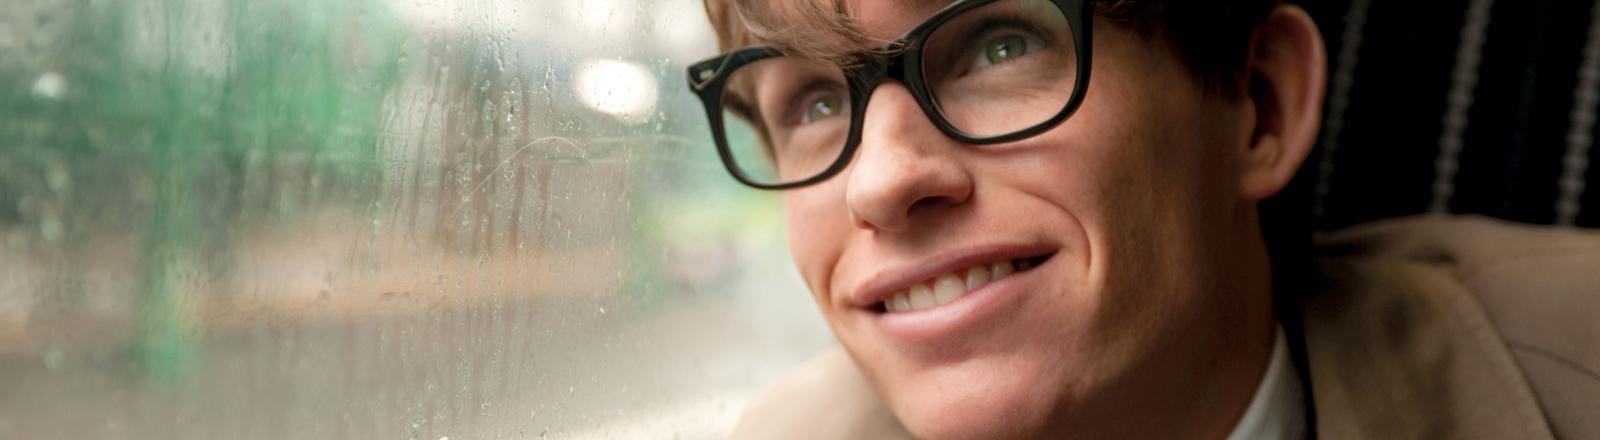 """Eddie Redmayne als Stephen Hawking in einer Szene des Kinofilms """"Die Entdeckung der Unendlichkeit"""" (undatierte Filmszene)."""